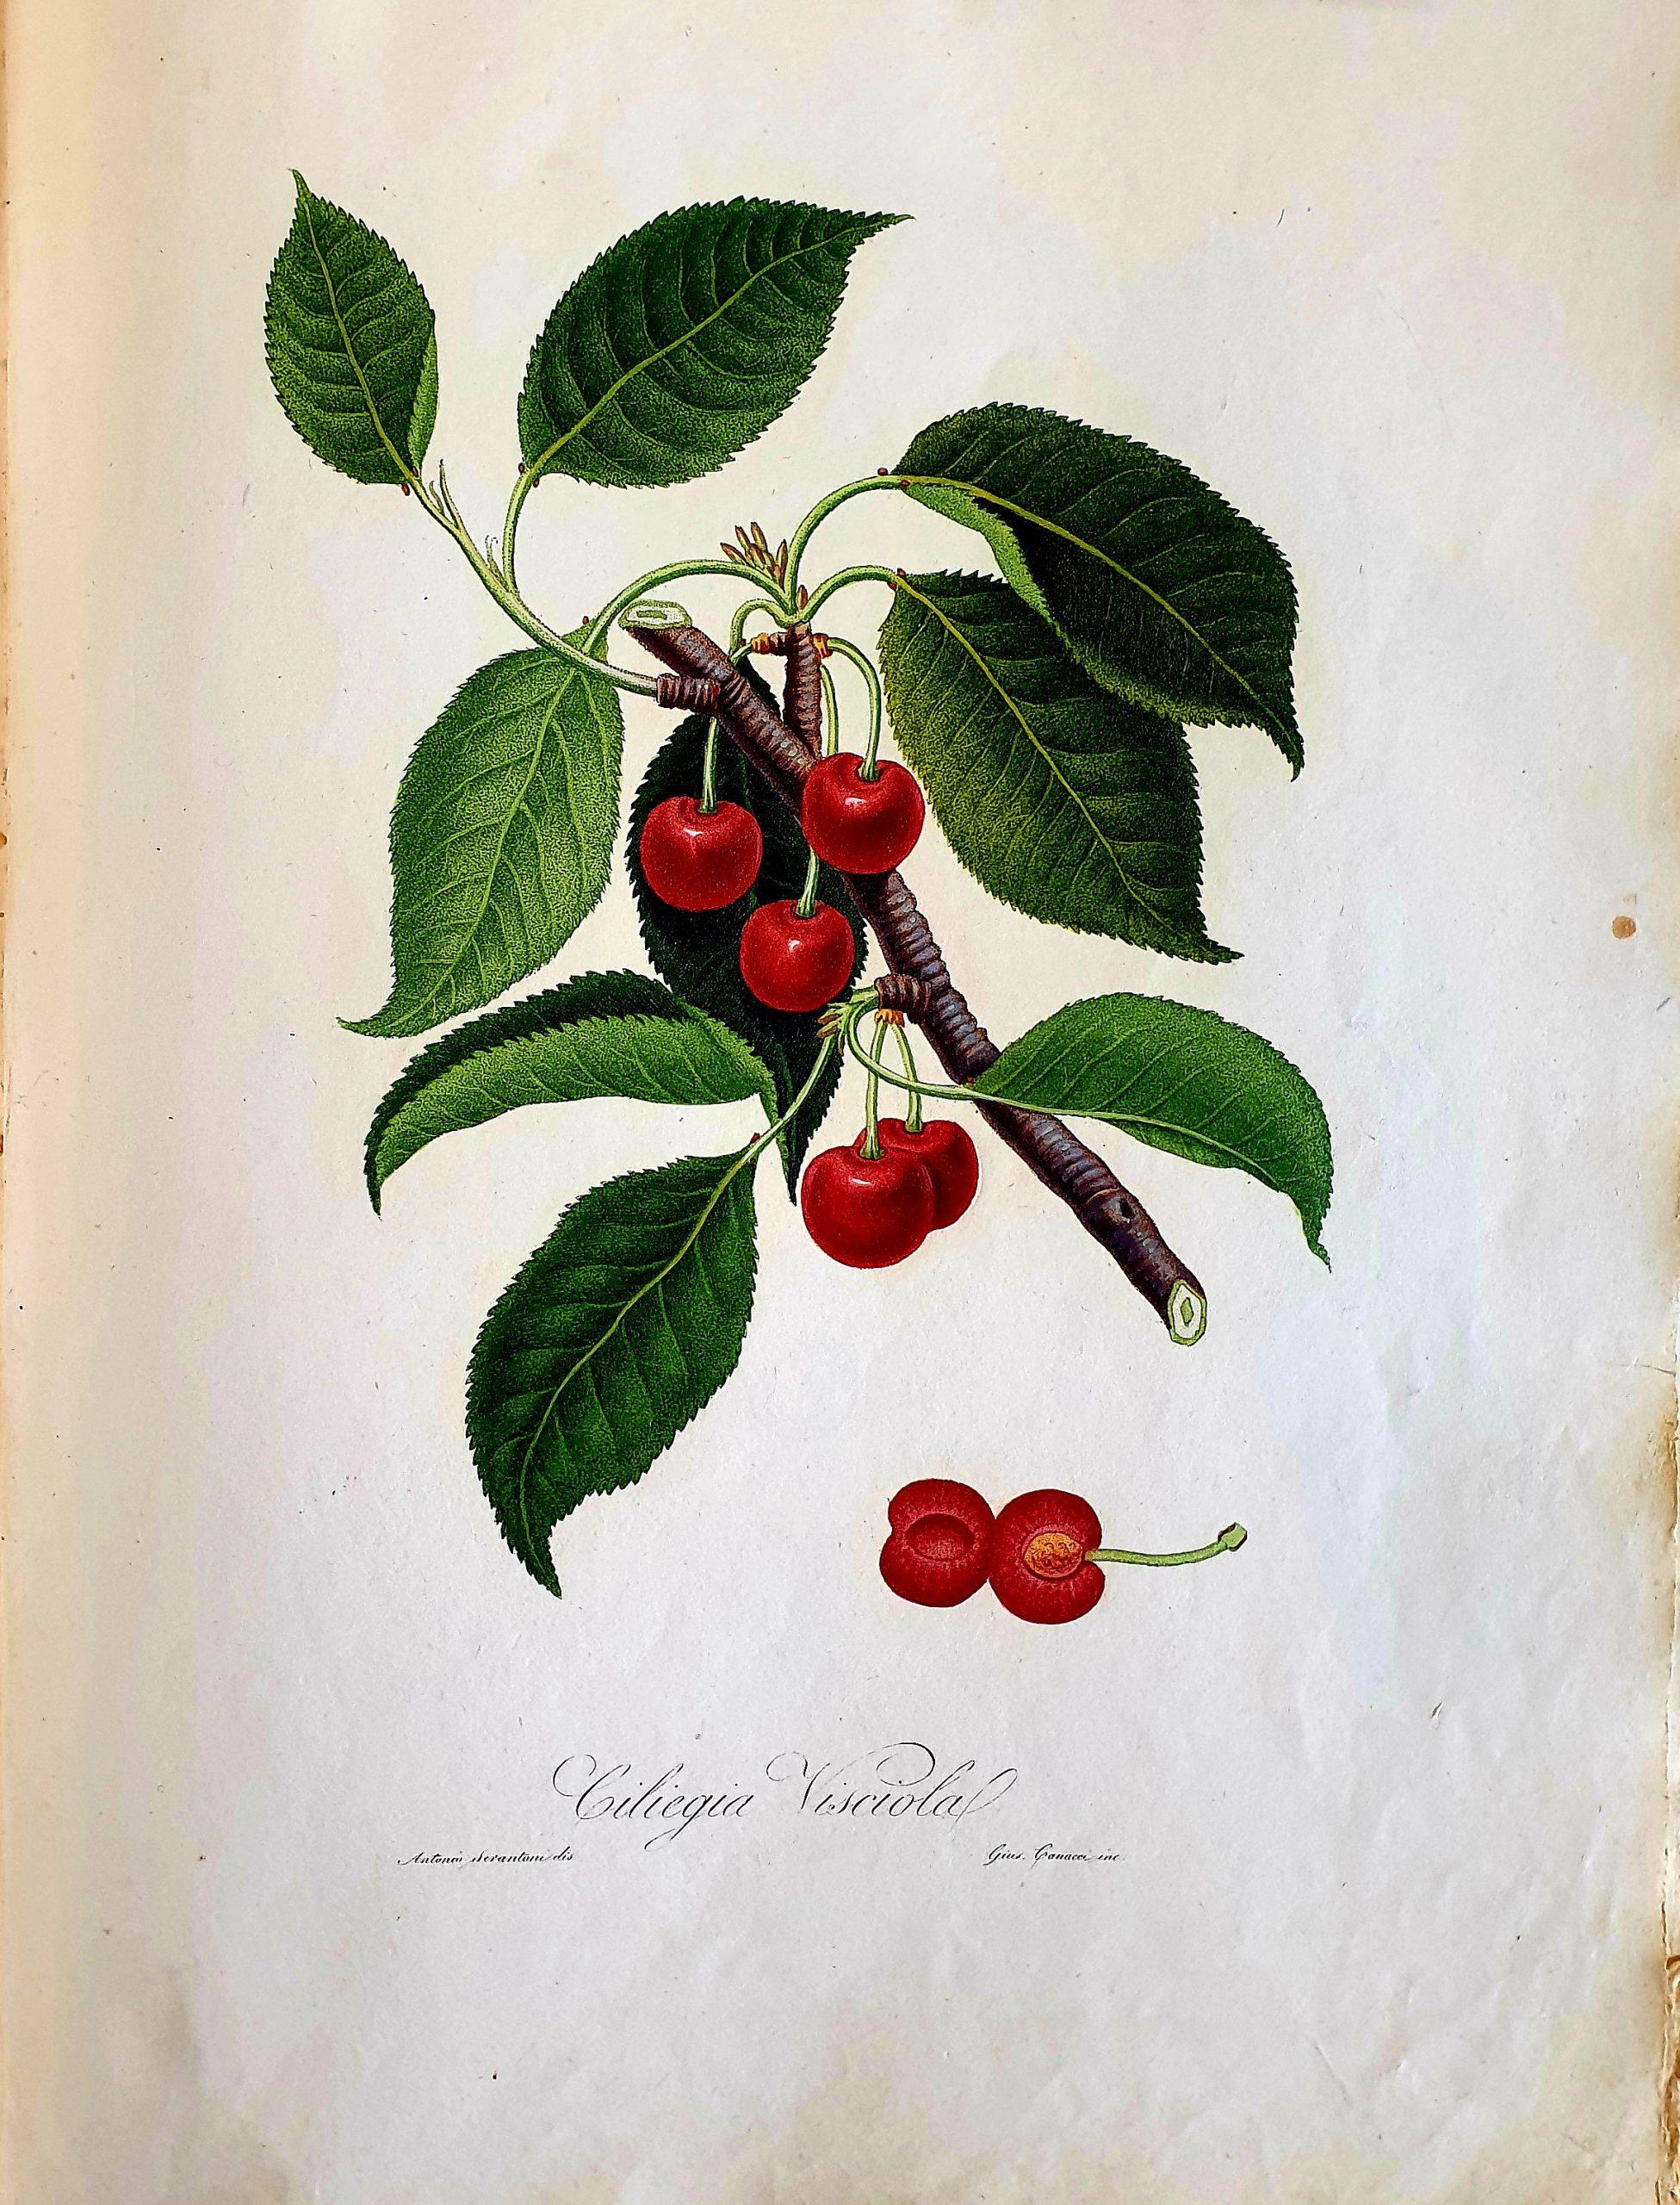 Ciliegia visciola da Giorgio Gallesio, Pomona italiana ossia Trattato degli alberi fruttiferi, Pisa, Capurro, 1817-1839